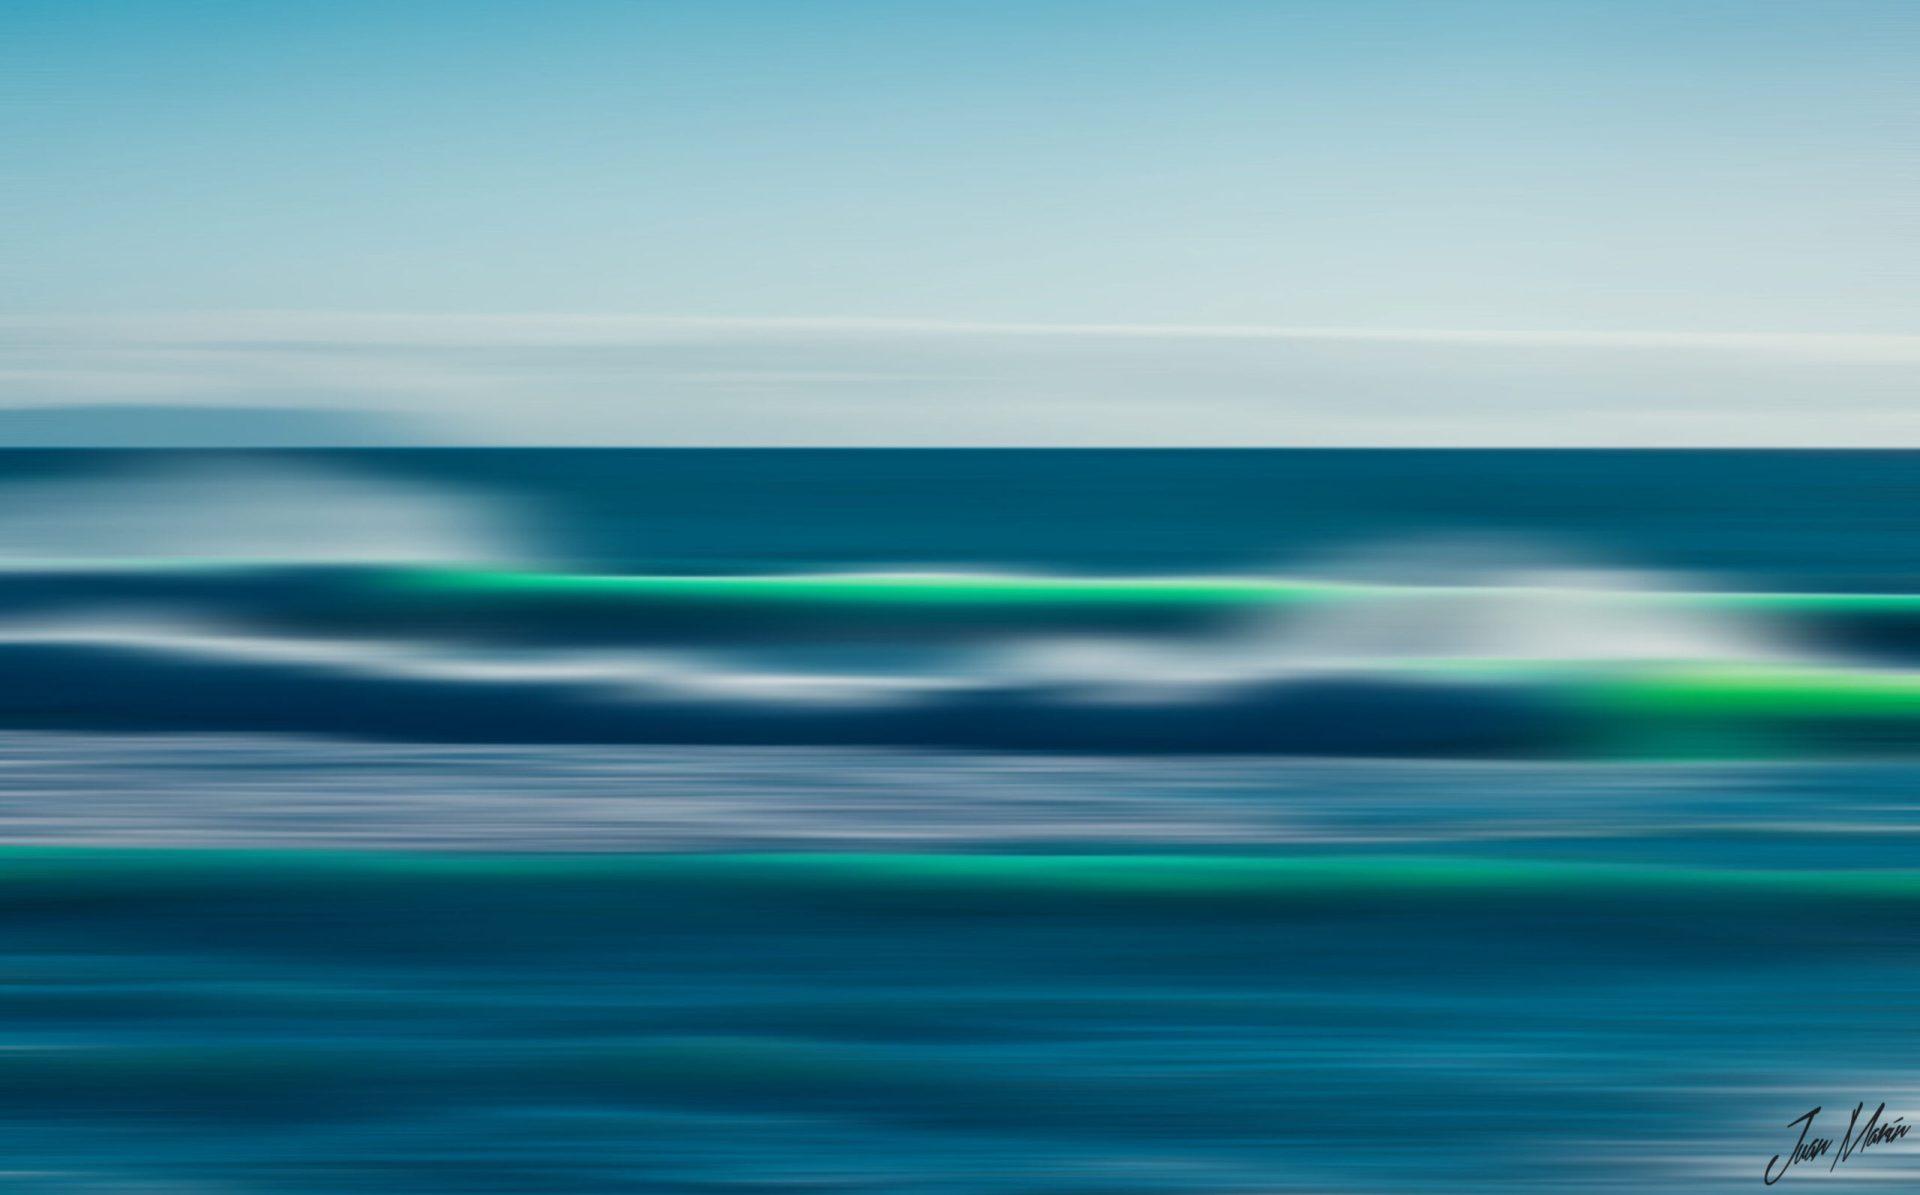 Fotografía de surf